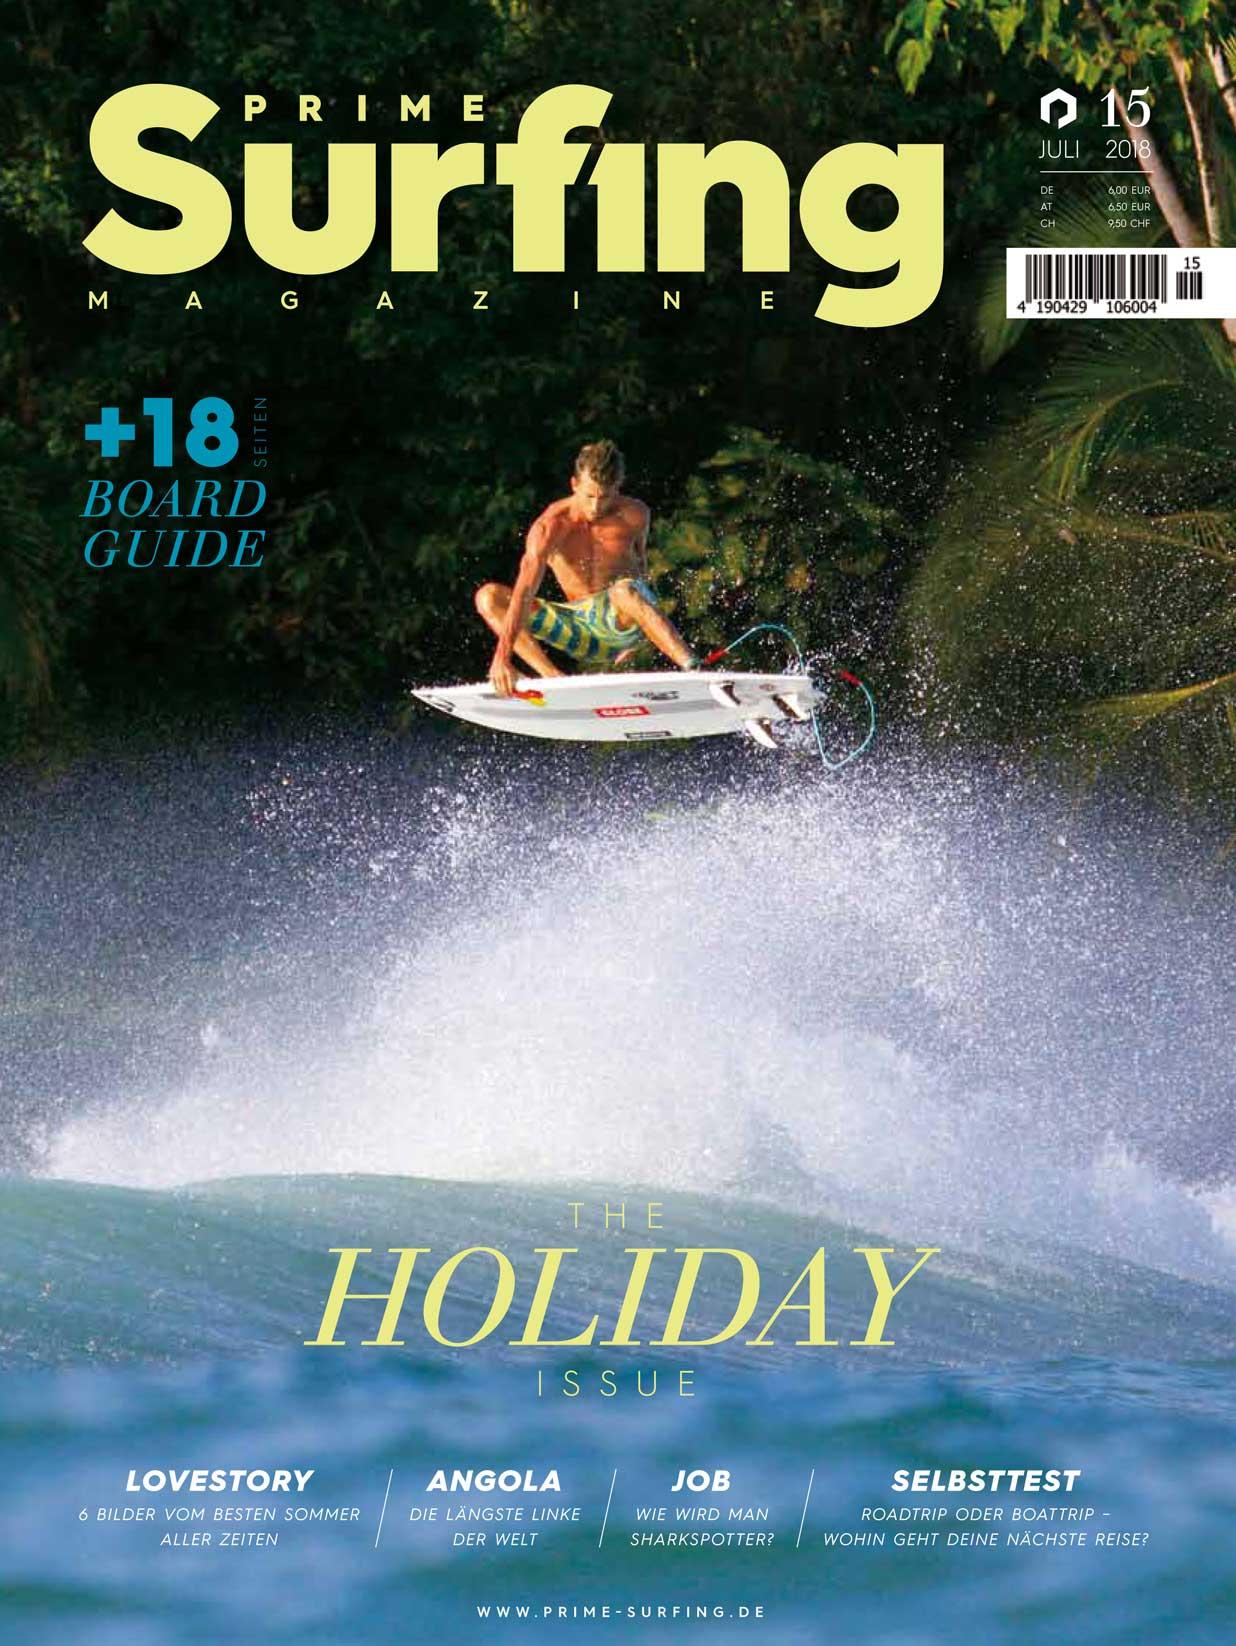 Die Holiday Issue und du bist bereit für den Sommer deines Lebens.